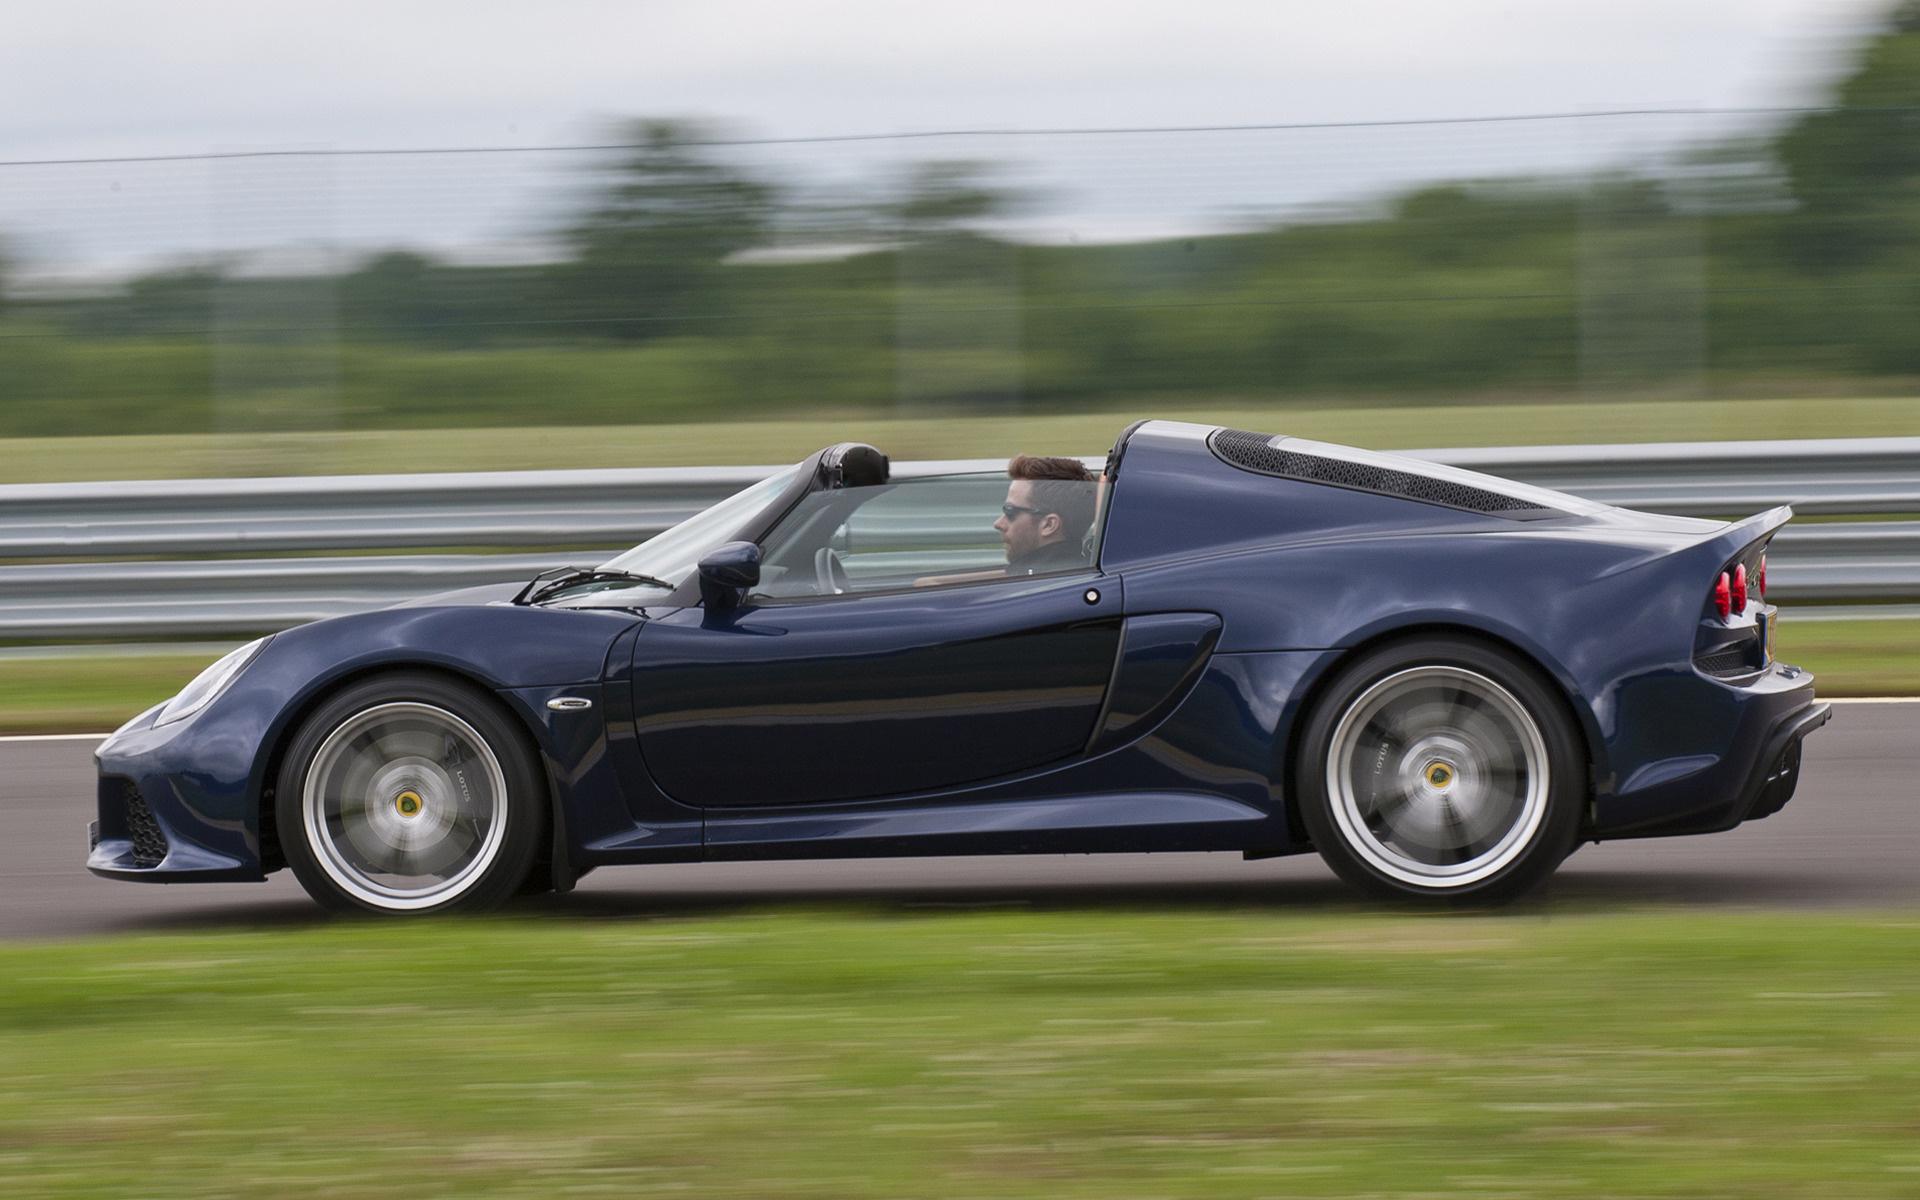 https://www.carpixel.net/w/f963141b87688a2571c6b6f87ba84524/lotus-exige-s-roadster-car-wallpaper-42013.jpg